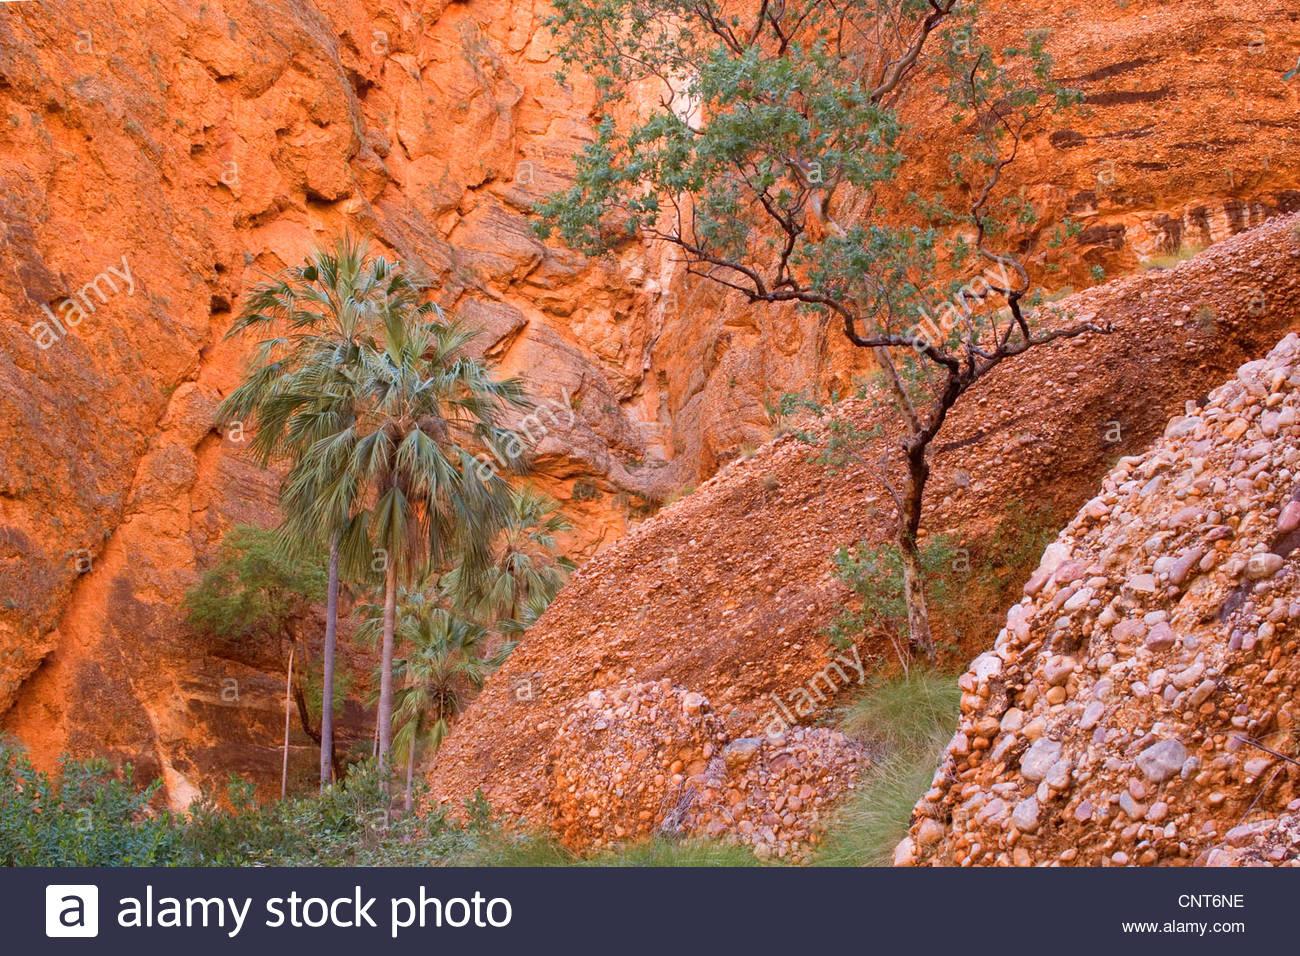 Kohlpalme (Livistona SSP.), Kohl Palmen an Mini Palms Gorge, Australia, Western Australia, Bungle Bungle Nationalpark Stockbild